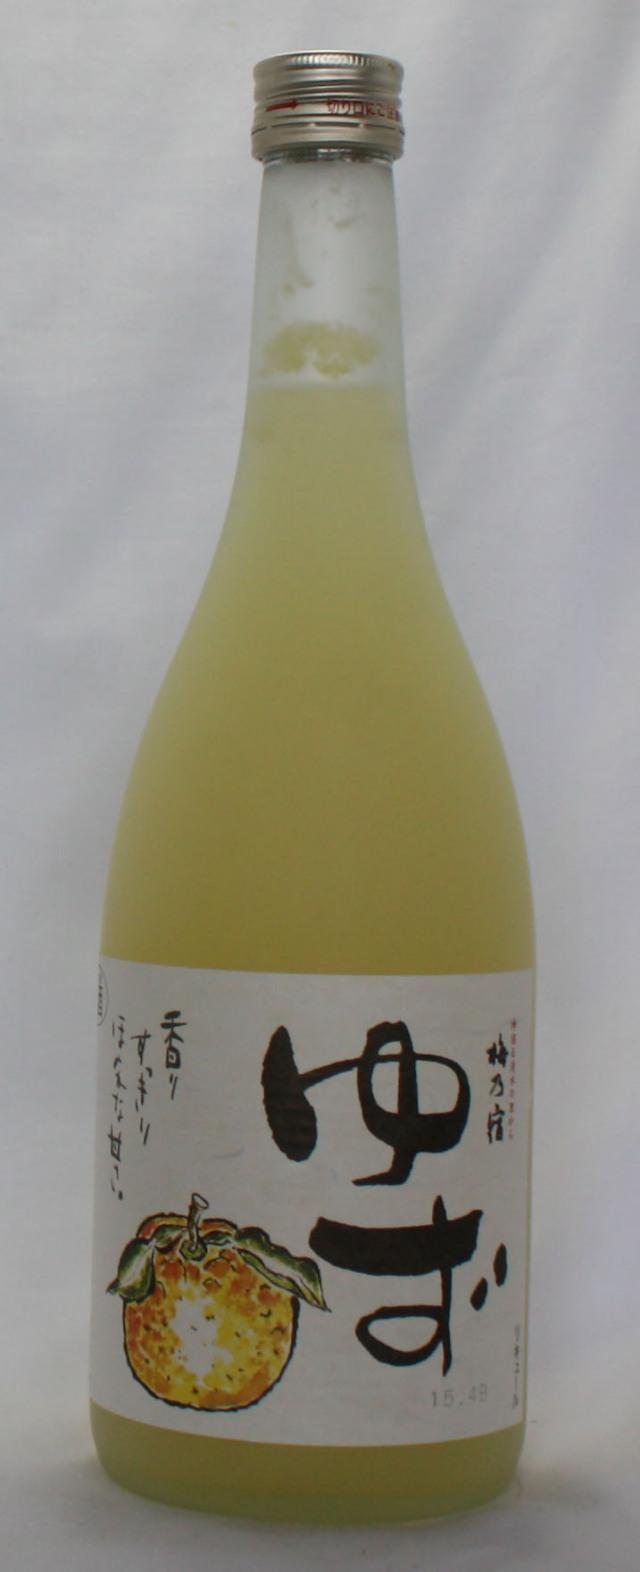 梅の宿ゆず酒 720ml 梅の宿酒造 リキュール 通販